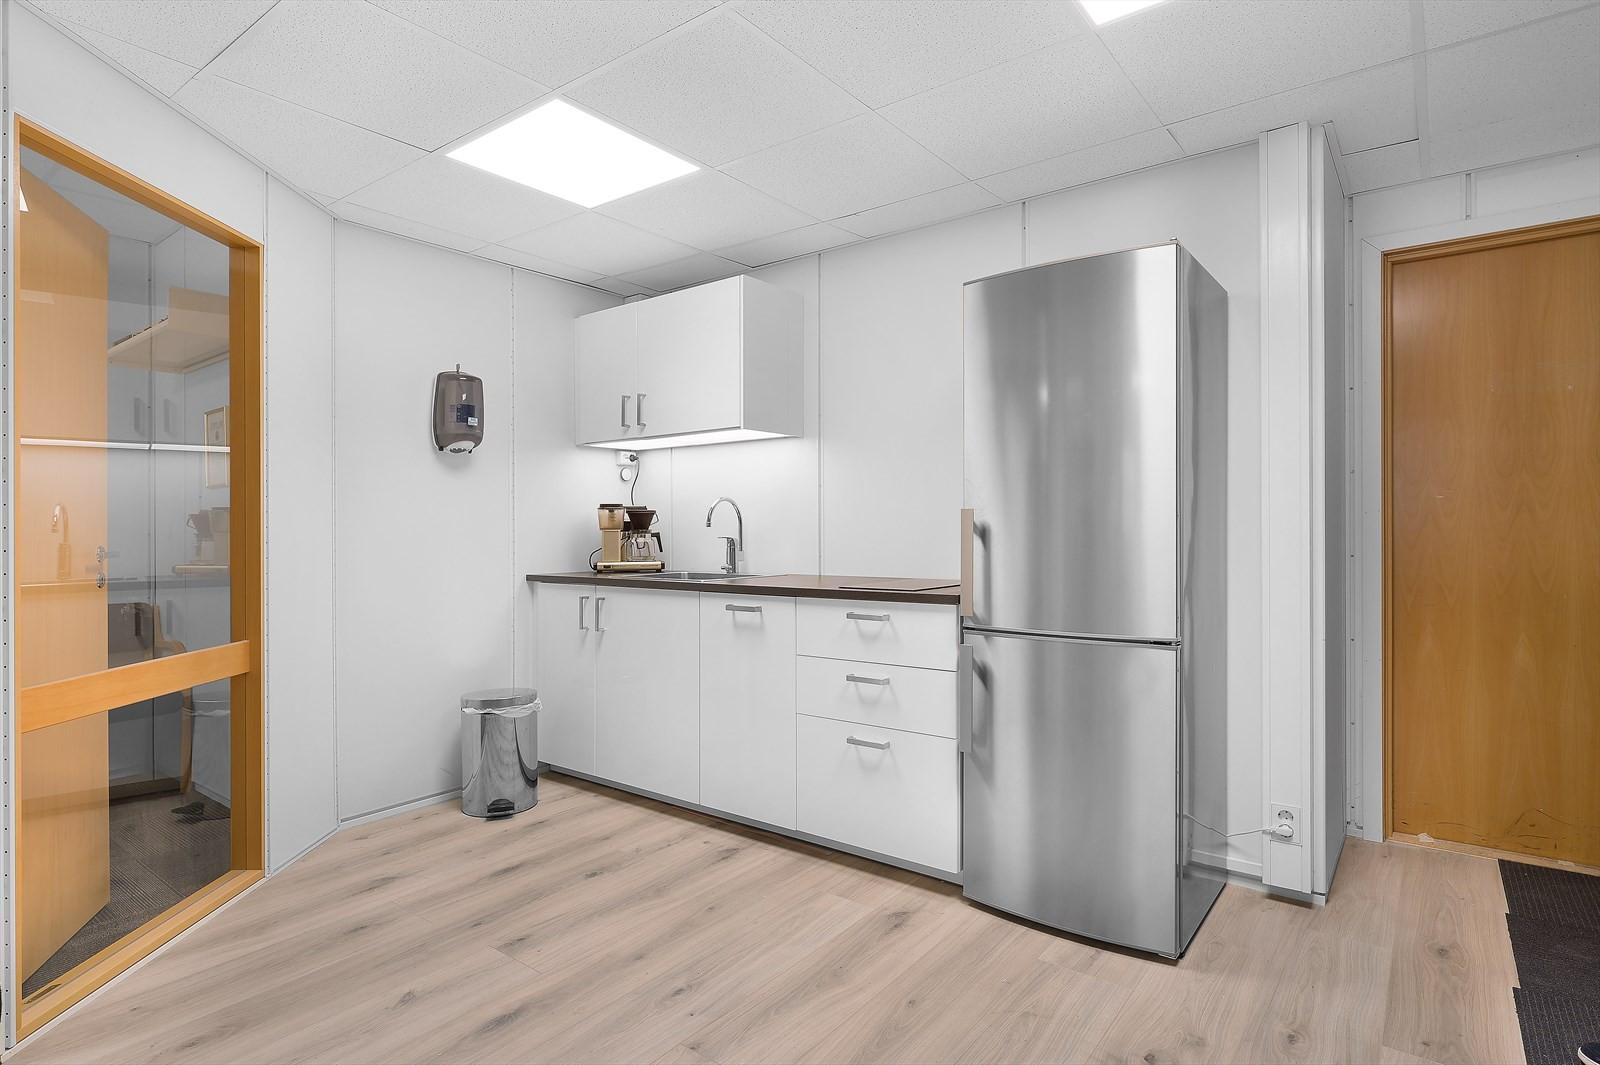 Eksempel på kjøkkenløsning i bygget.